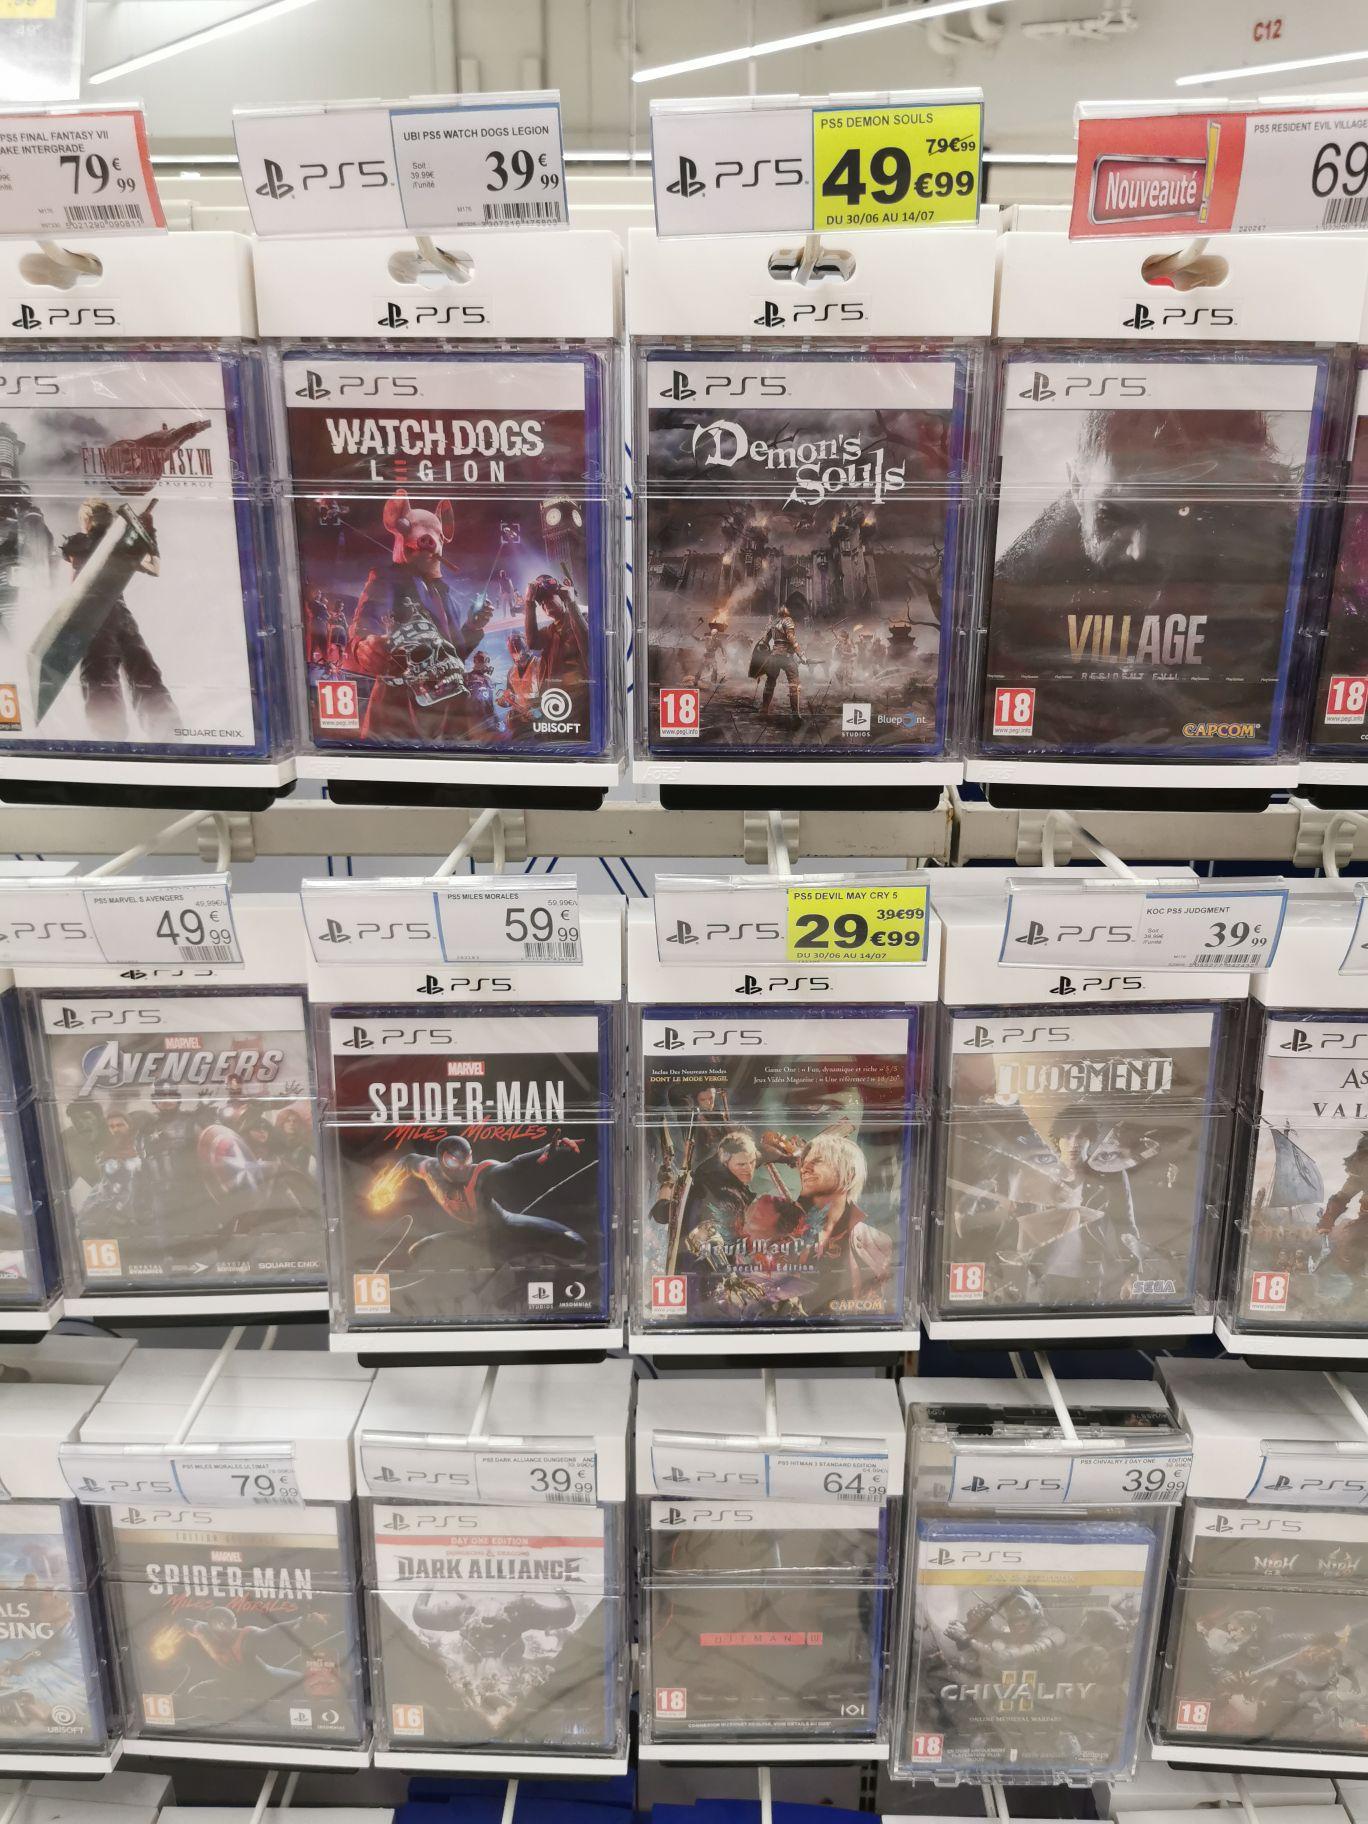 Sélection jeux en soldes ex: Demon's souls Ps5 à 49.99€ ou Xenoblade Chronicles: Definitive Edition Nintendo Switch à 19.99€ (Balma 31)